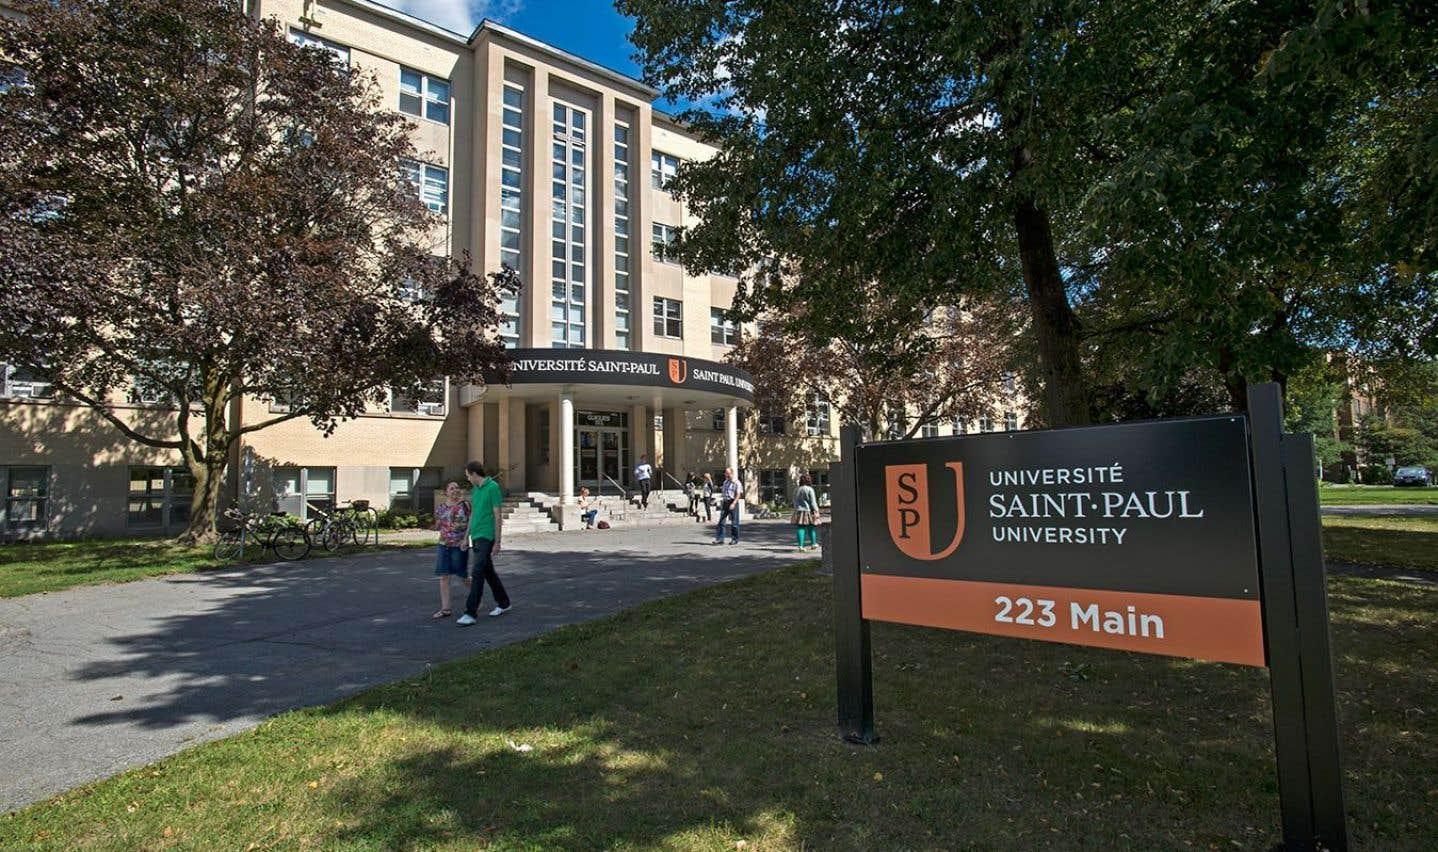 L'Université Saint-Paul s'intéresse aux enjeux contemporains qui touchent l'êtrehumain et son avenir.